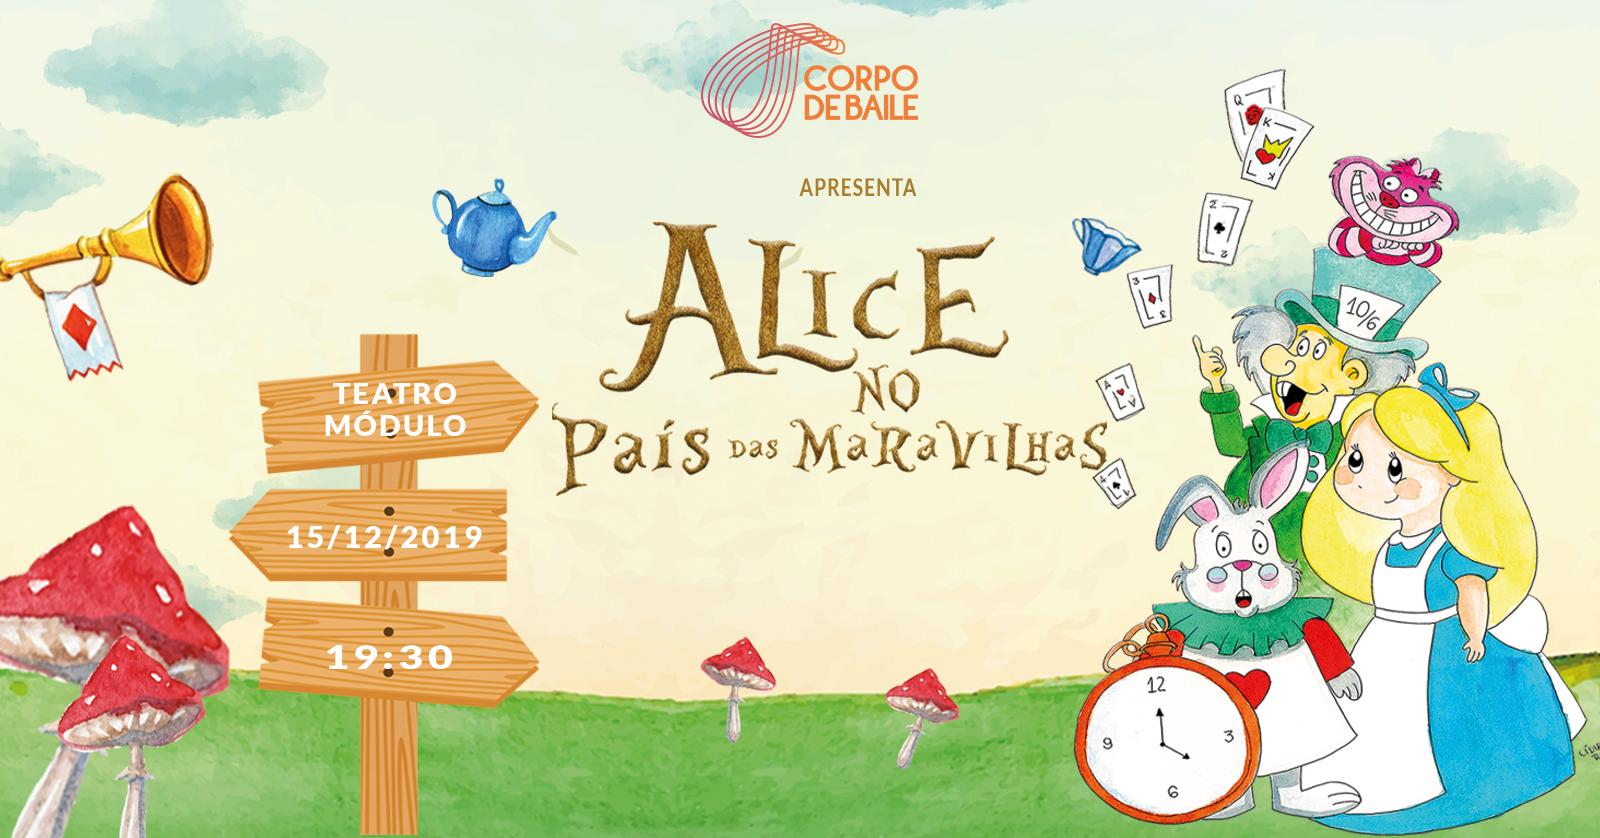 Alice Nos Pais Das Maravilhas Filme Online alice no país das maravilhas - espetáculo de dança - sympla